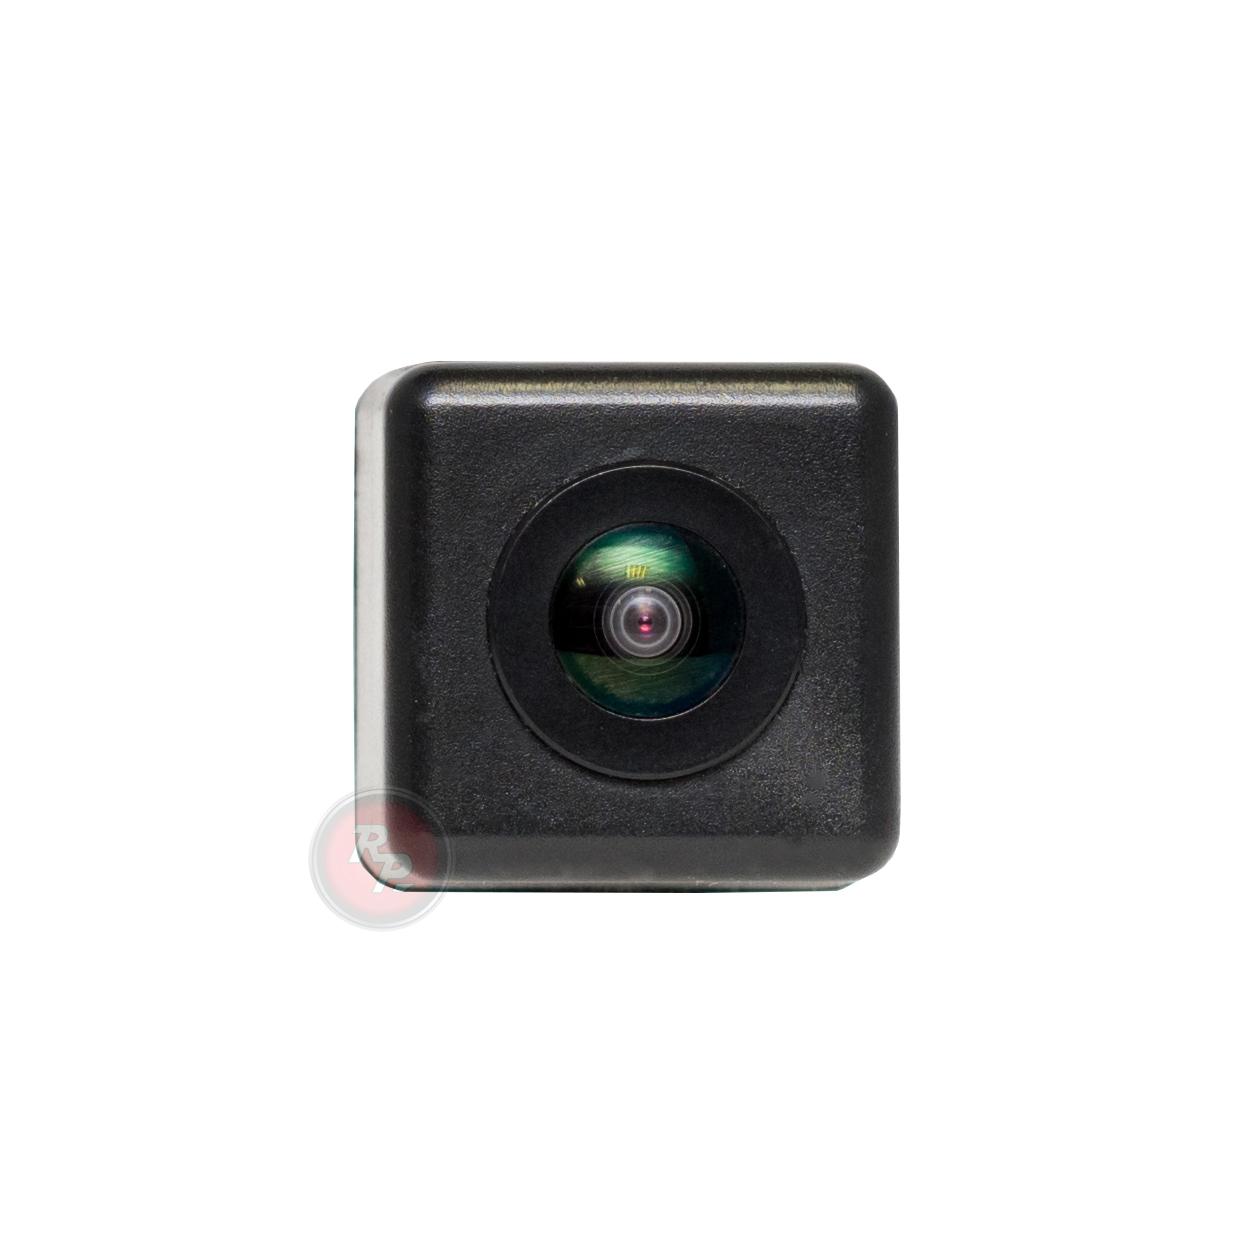 Камера заднего-переднего вида Redpower Fish eye с кнопкой переключения режимов (под плафон)